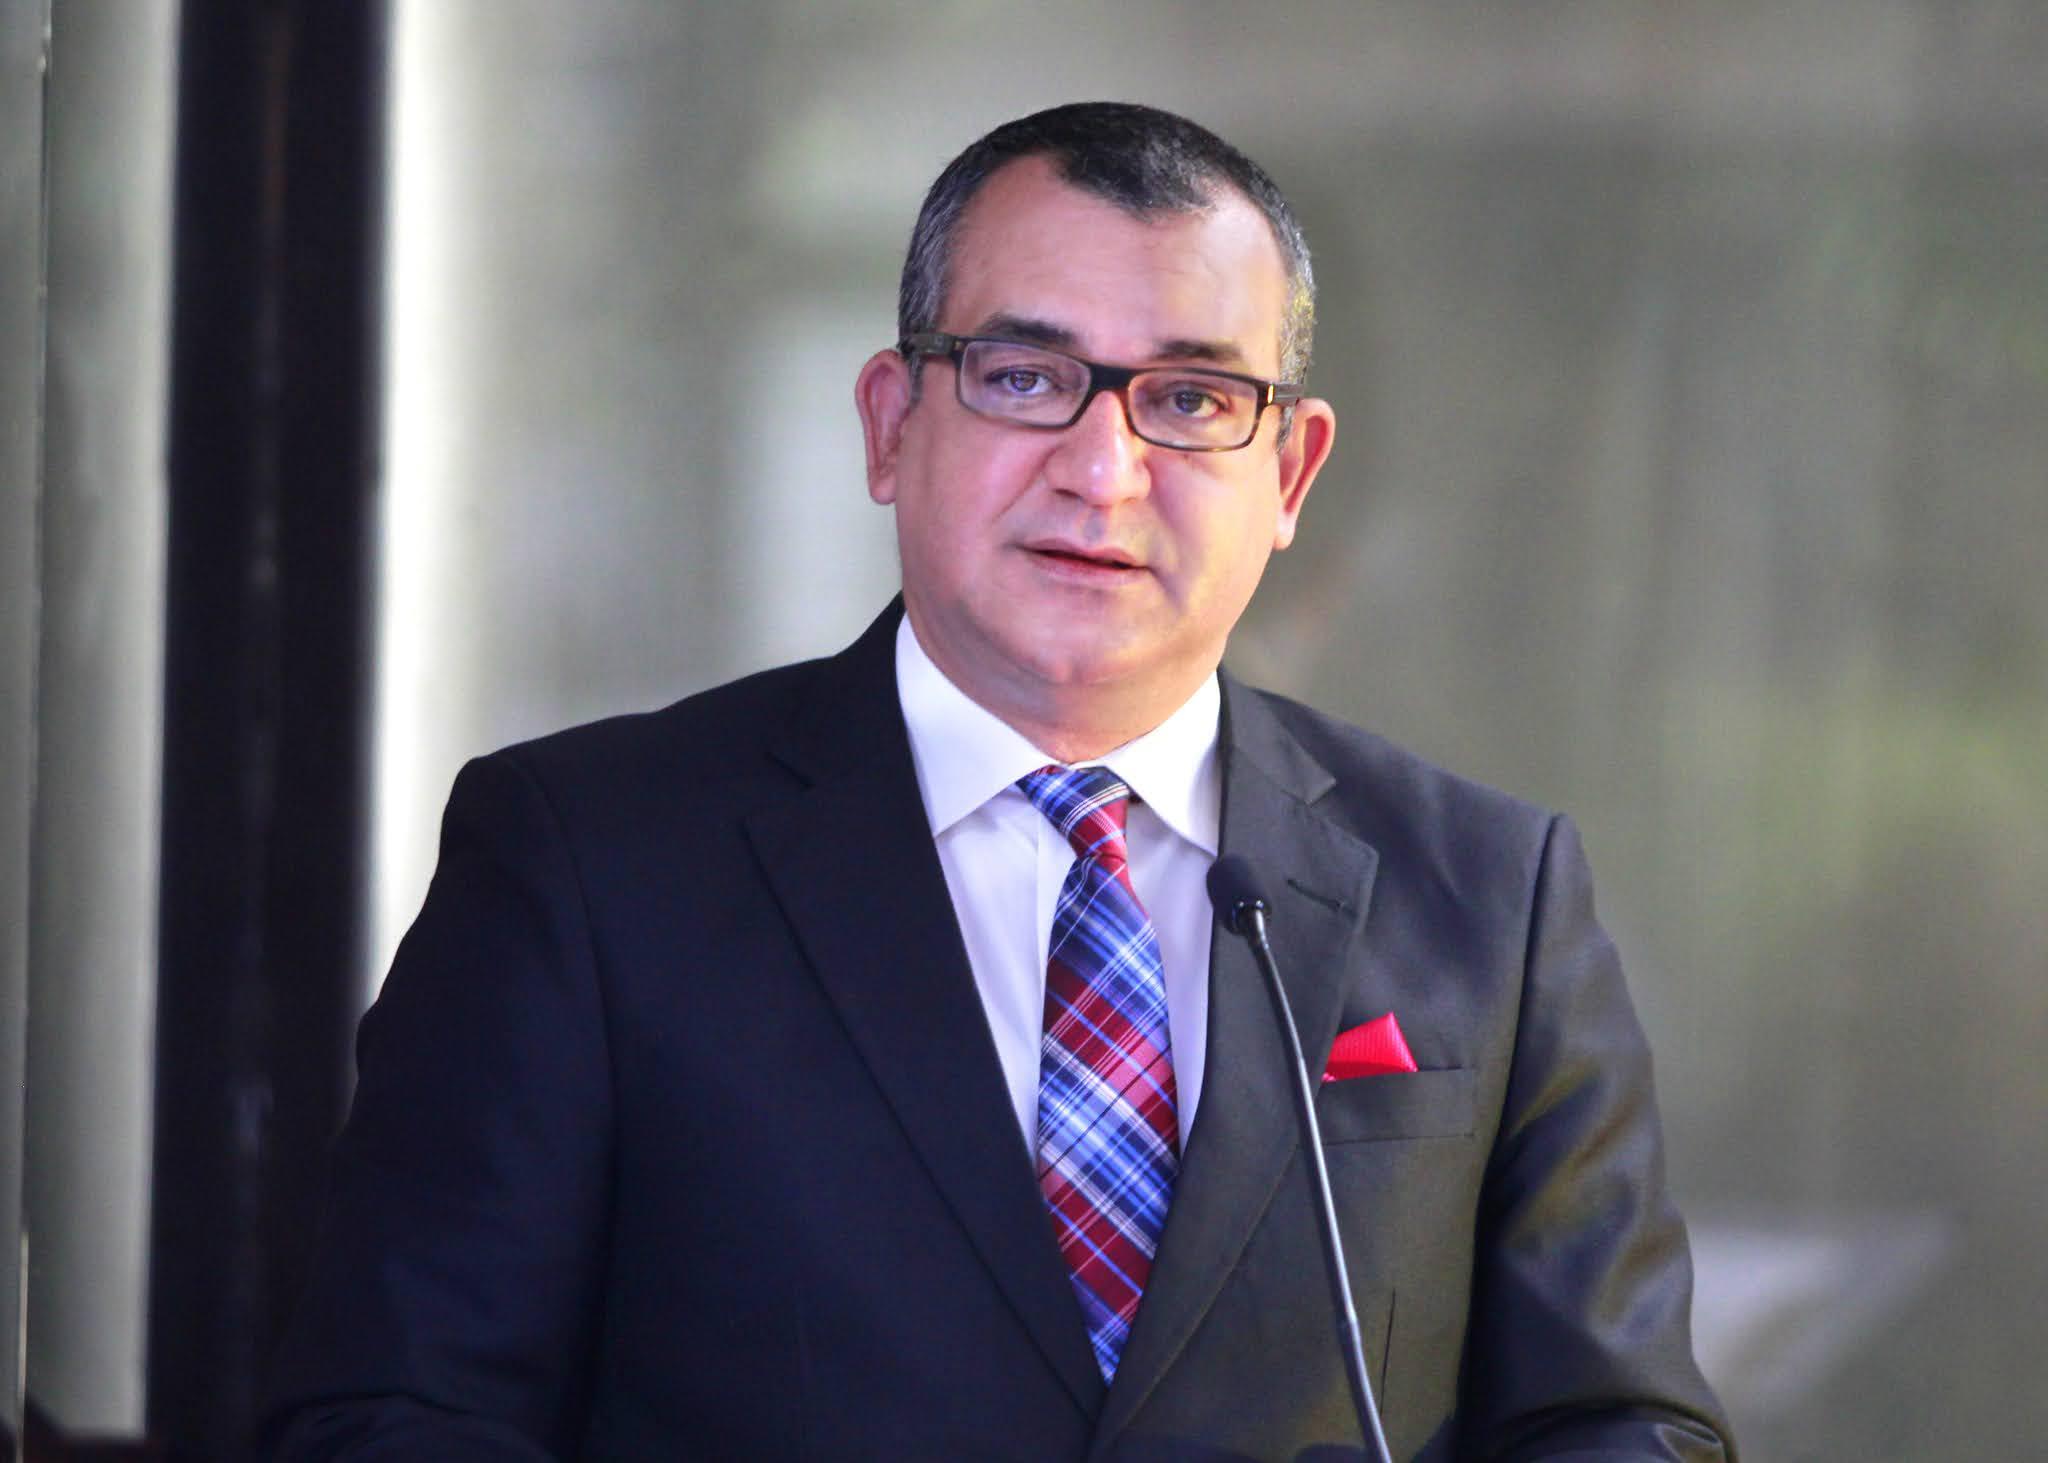 Román Jáquez